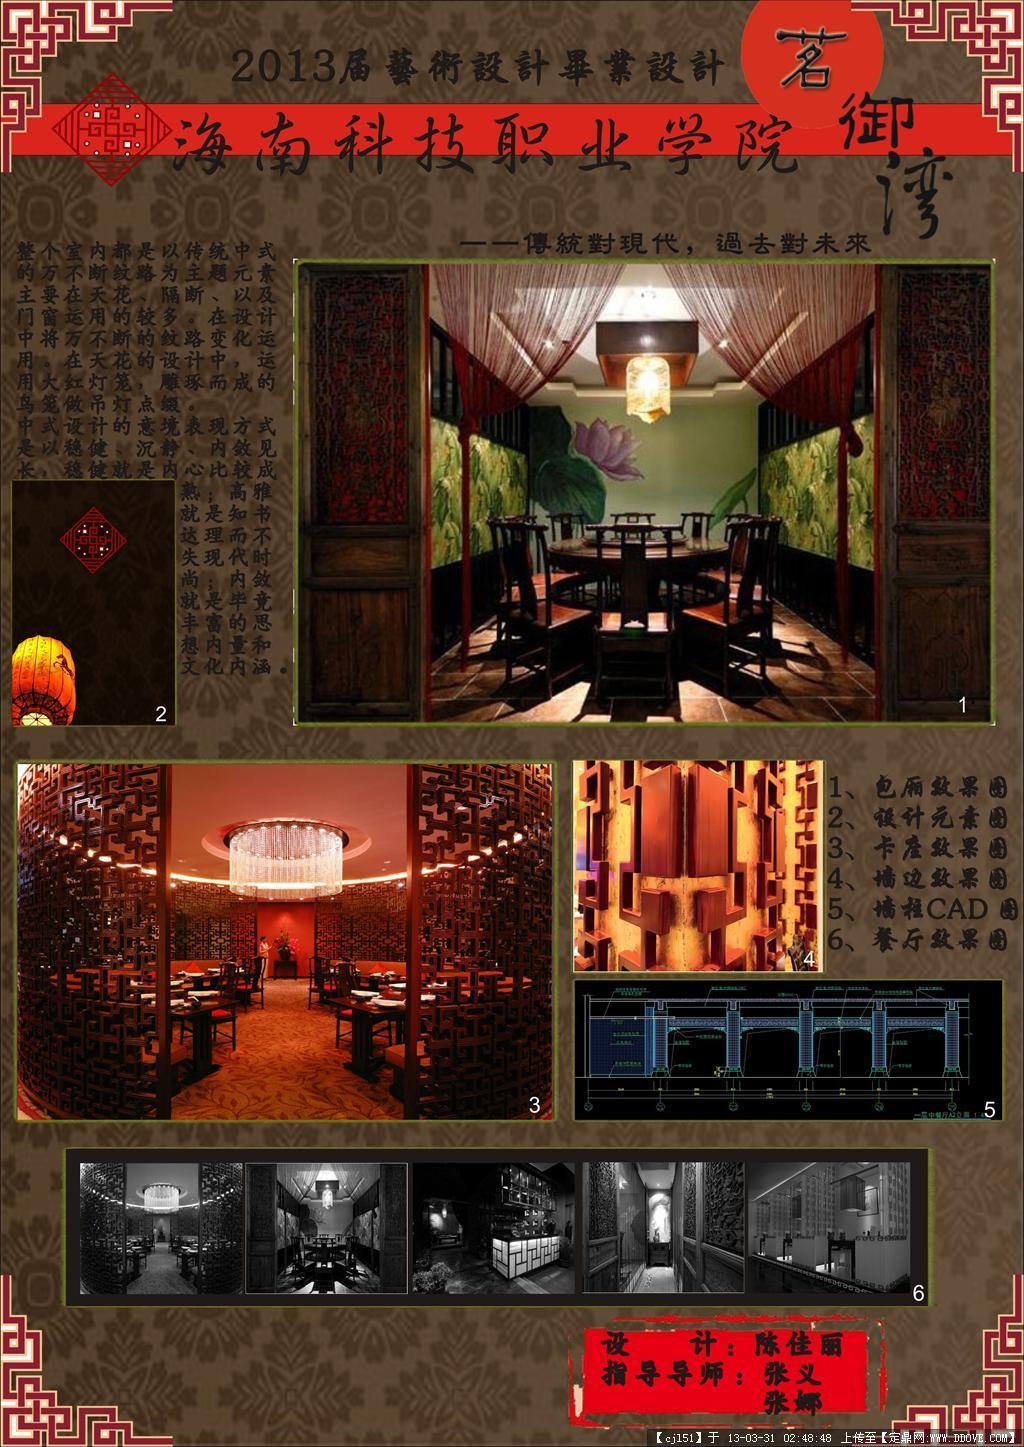 中式餐厅的毕业设计